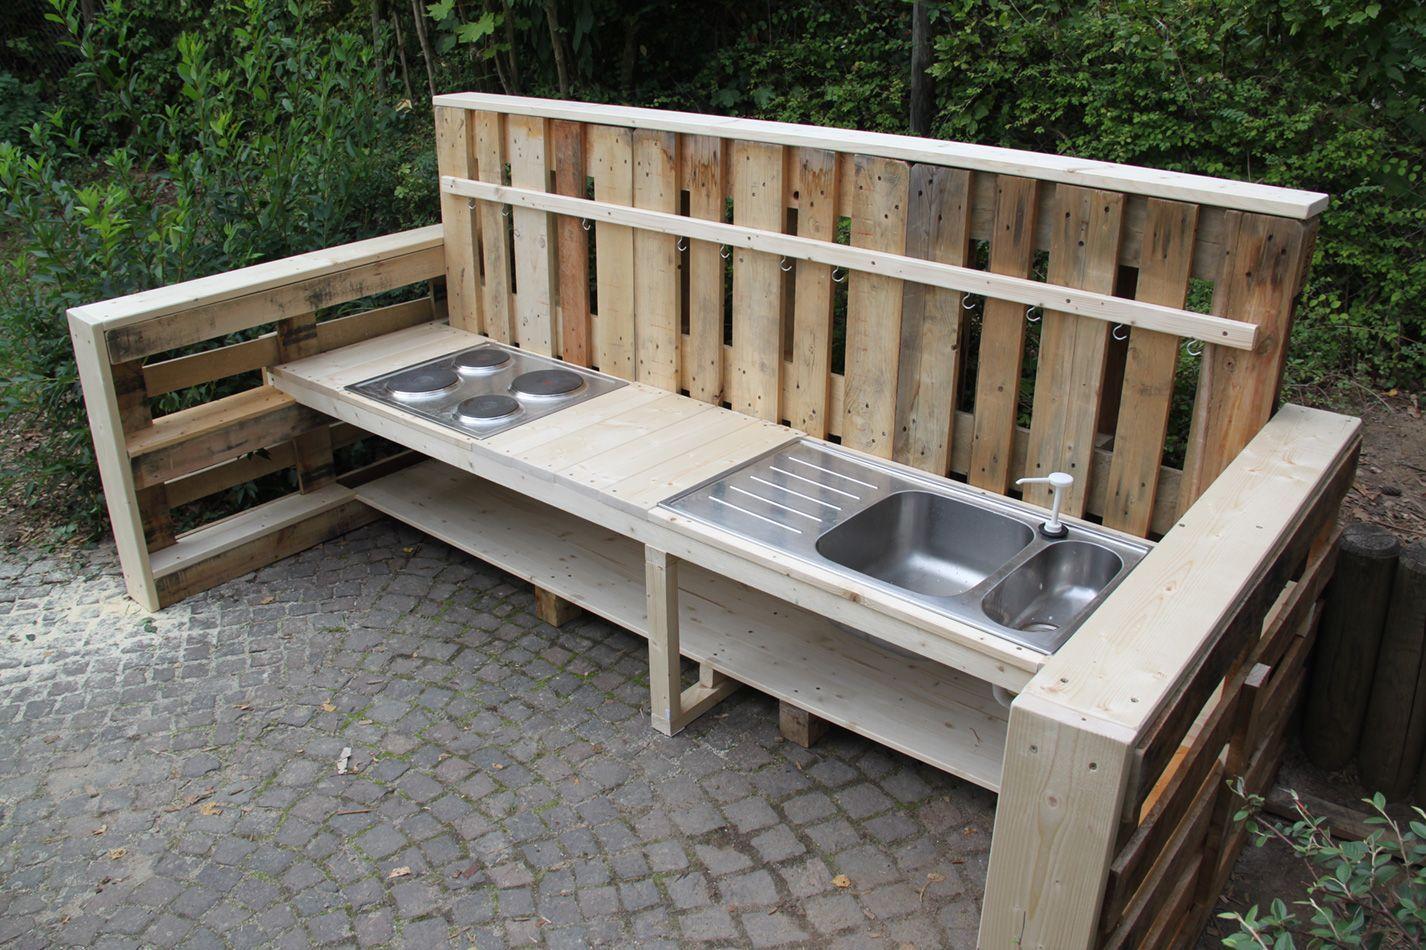 Outdoor Küche Selber Bauen Beton | 108 Gestaltungsideen Für ...